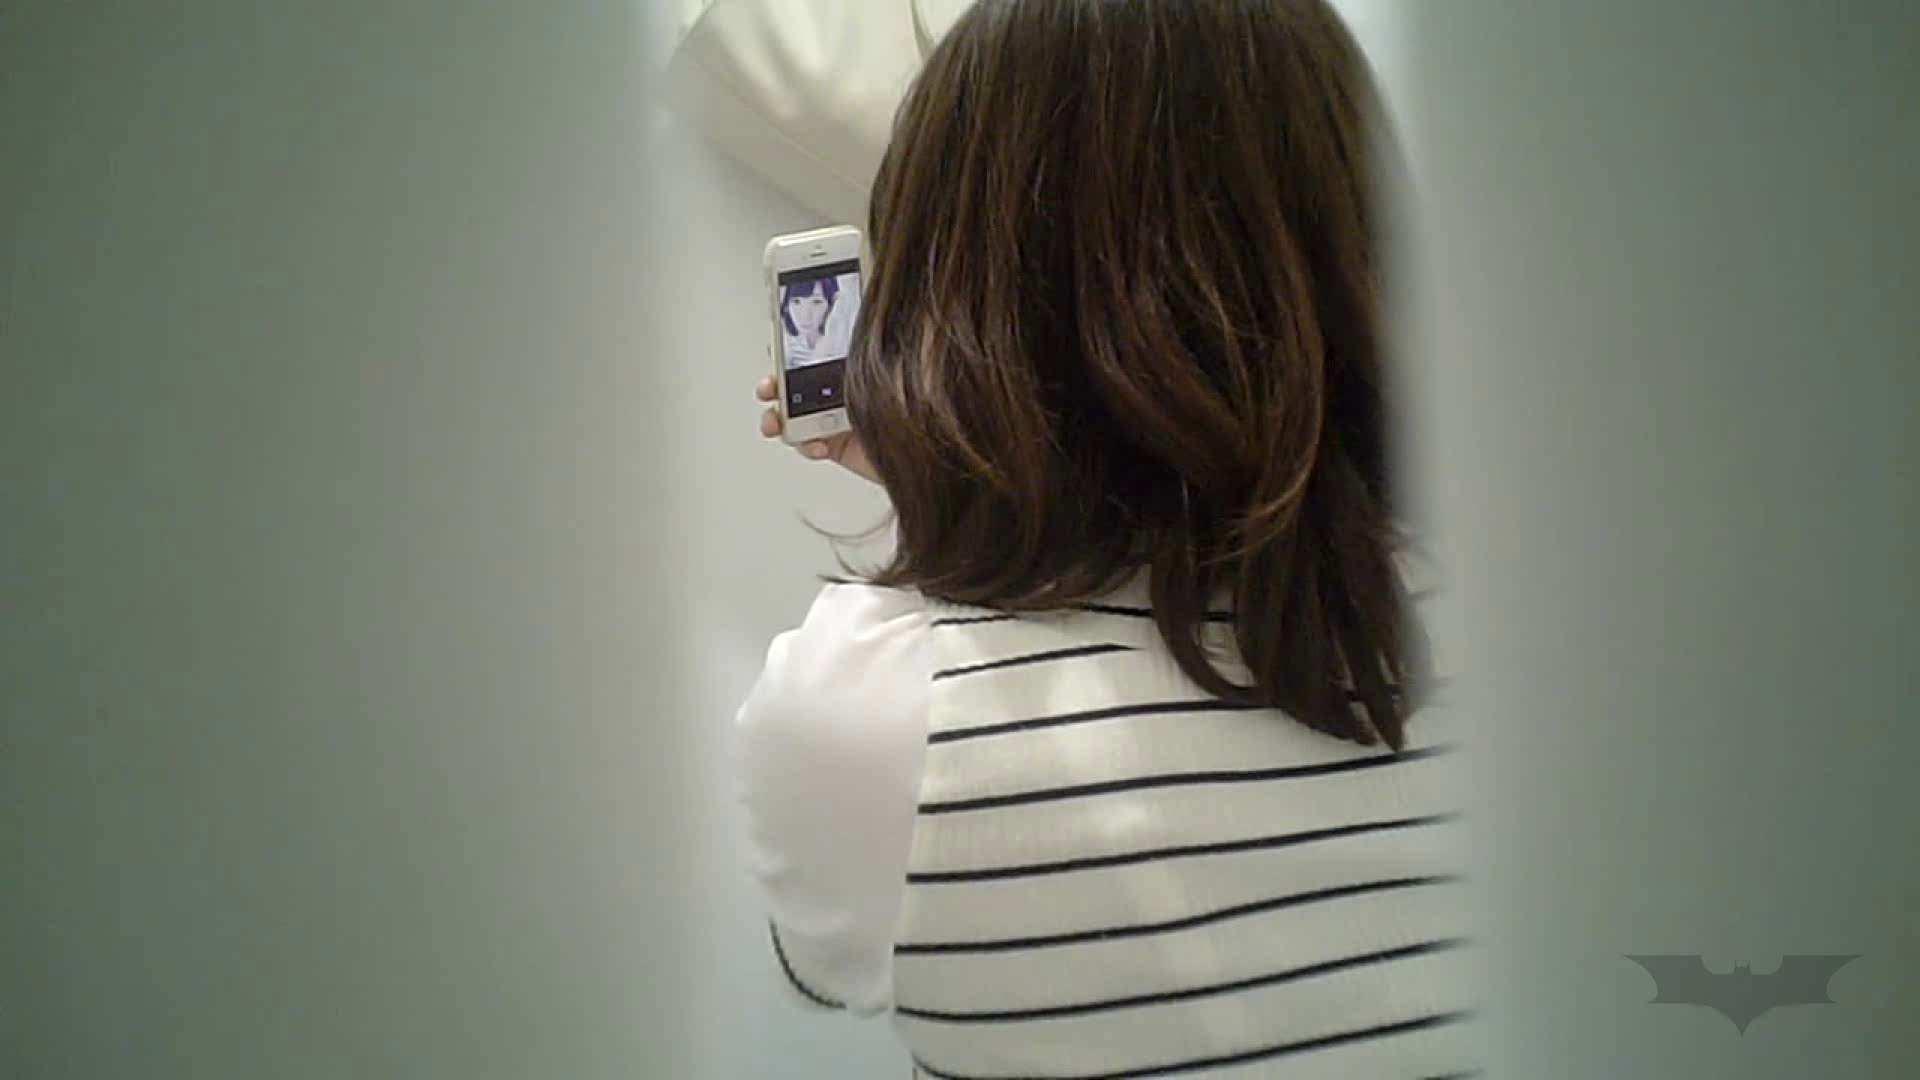 有名大学女性洗面所 vol.37 ついでにアンダーヘアーの状態確認ですね。 洗面所 AV無料動画キャプチャ 105画像 13